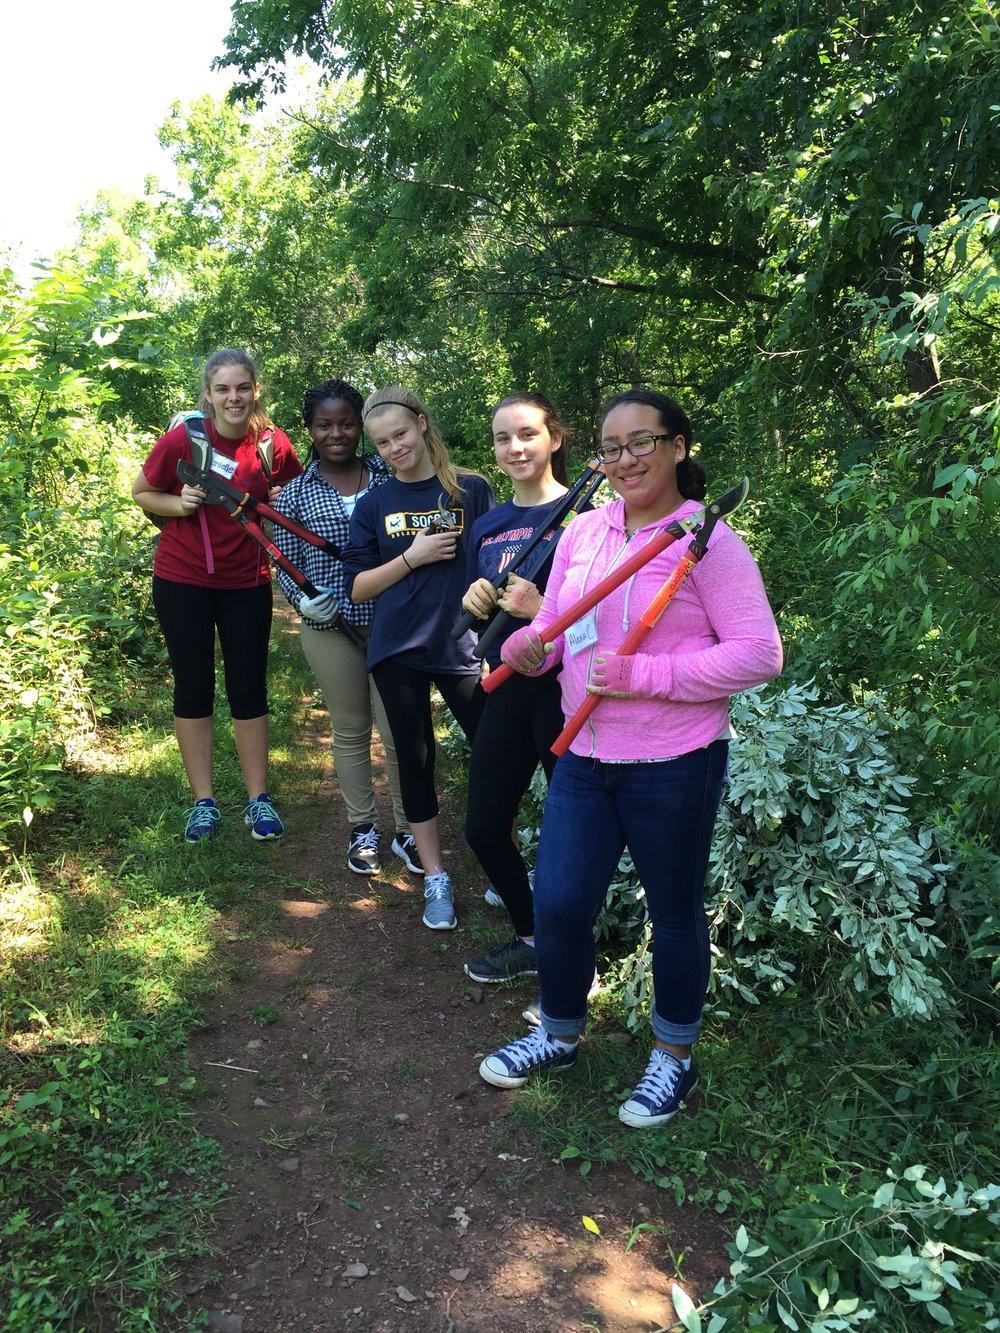 Volunteers working to remove invasive plant species.